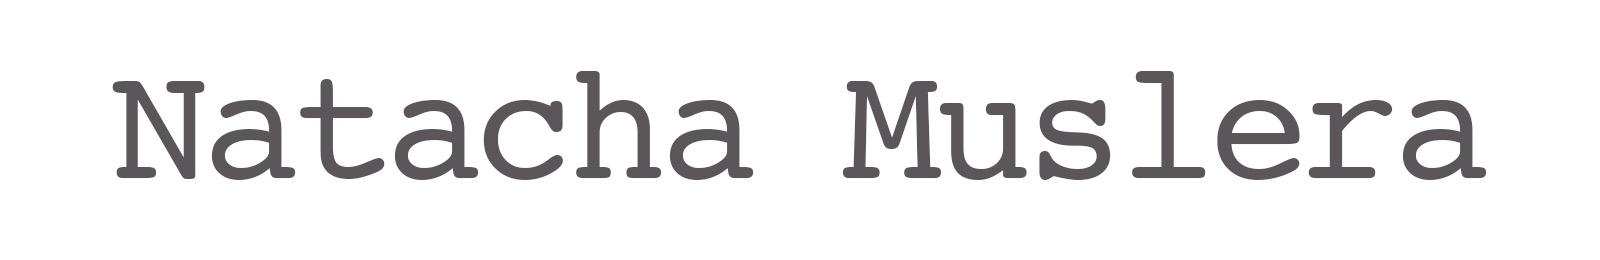 Natacha Muslera Logo